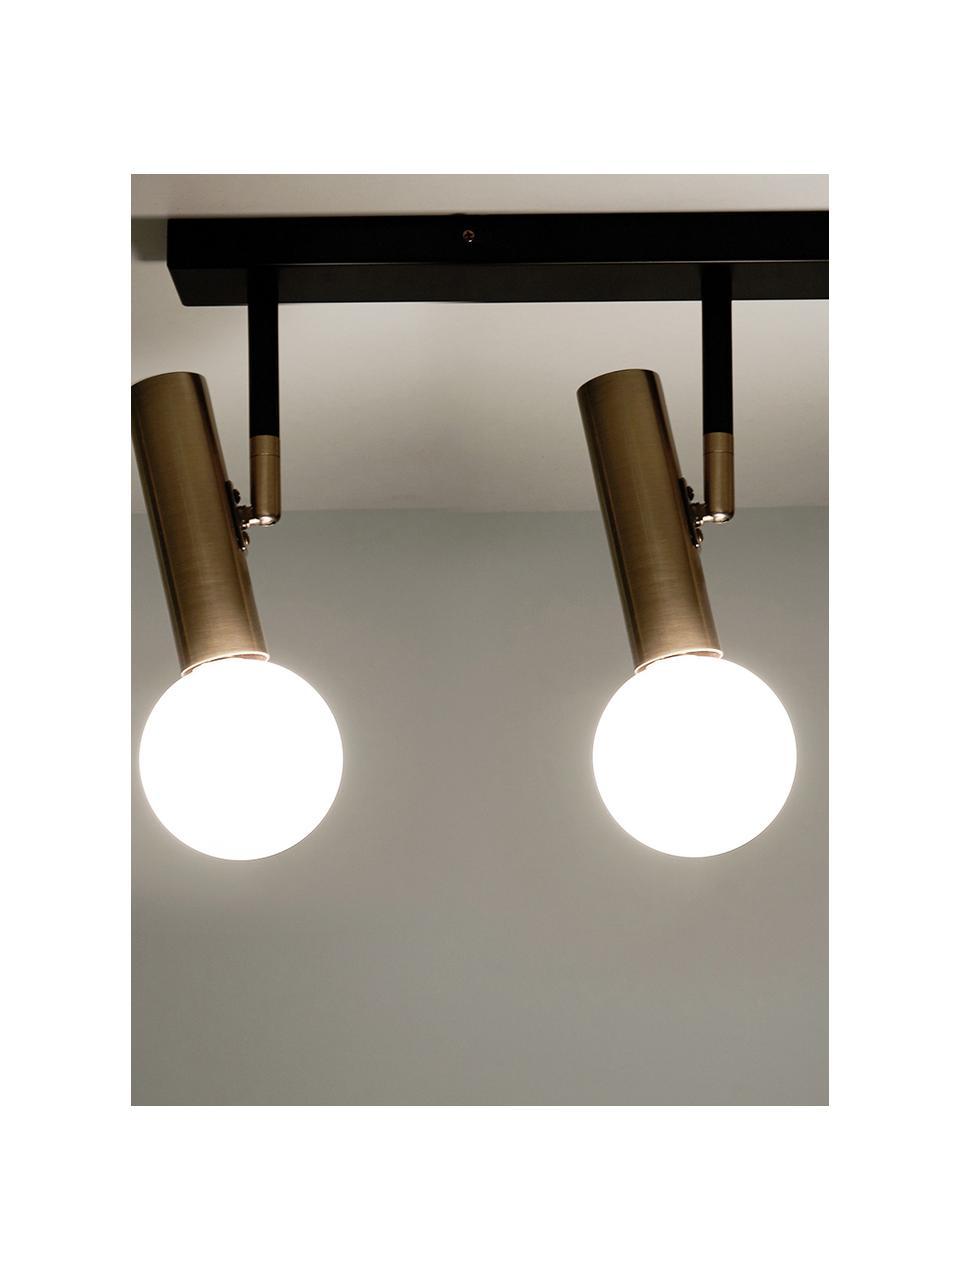 Plafondlamp Wilson in zwart-goudkleur, Baldakijn: gepoedercoat metaal, Baldakijn: mat zwart. Fittingen: messingkleurig. Lampenkappen: wit, 65 x 31 cm